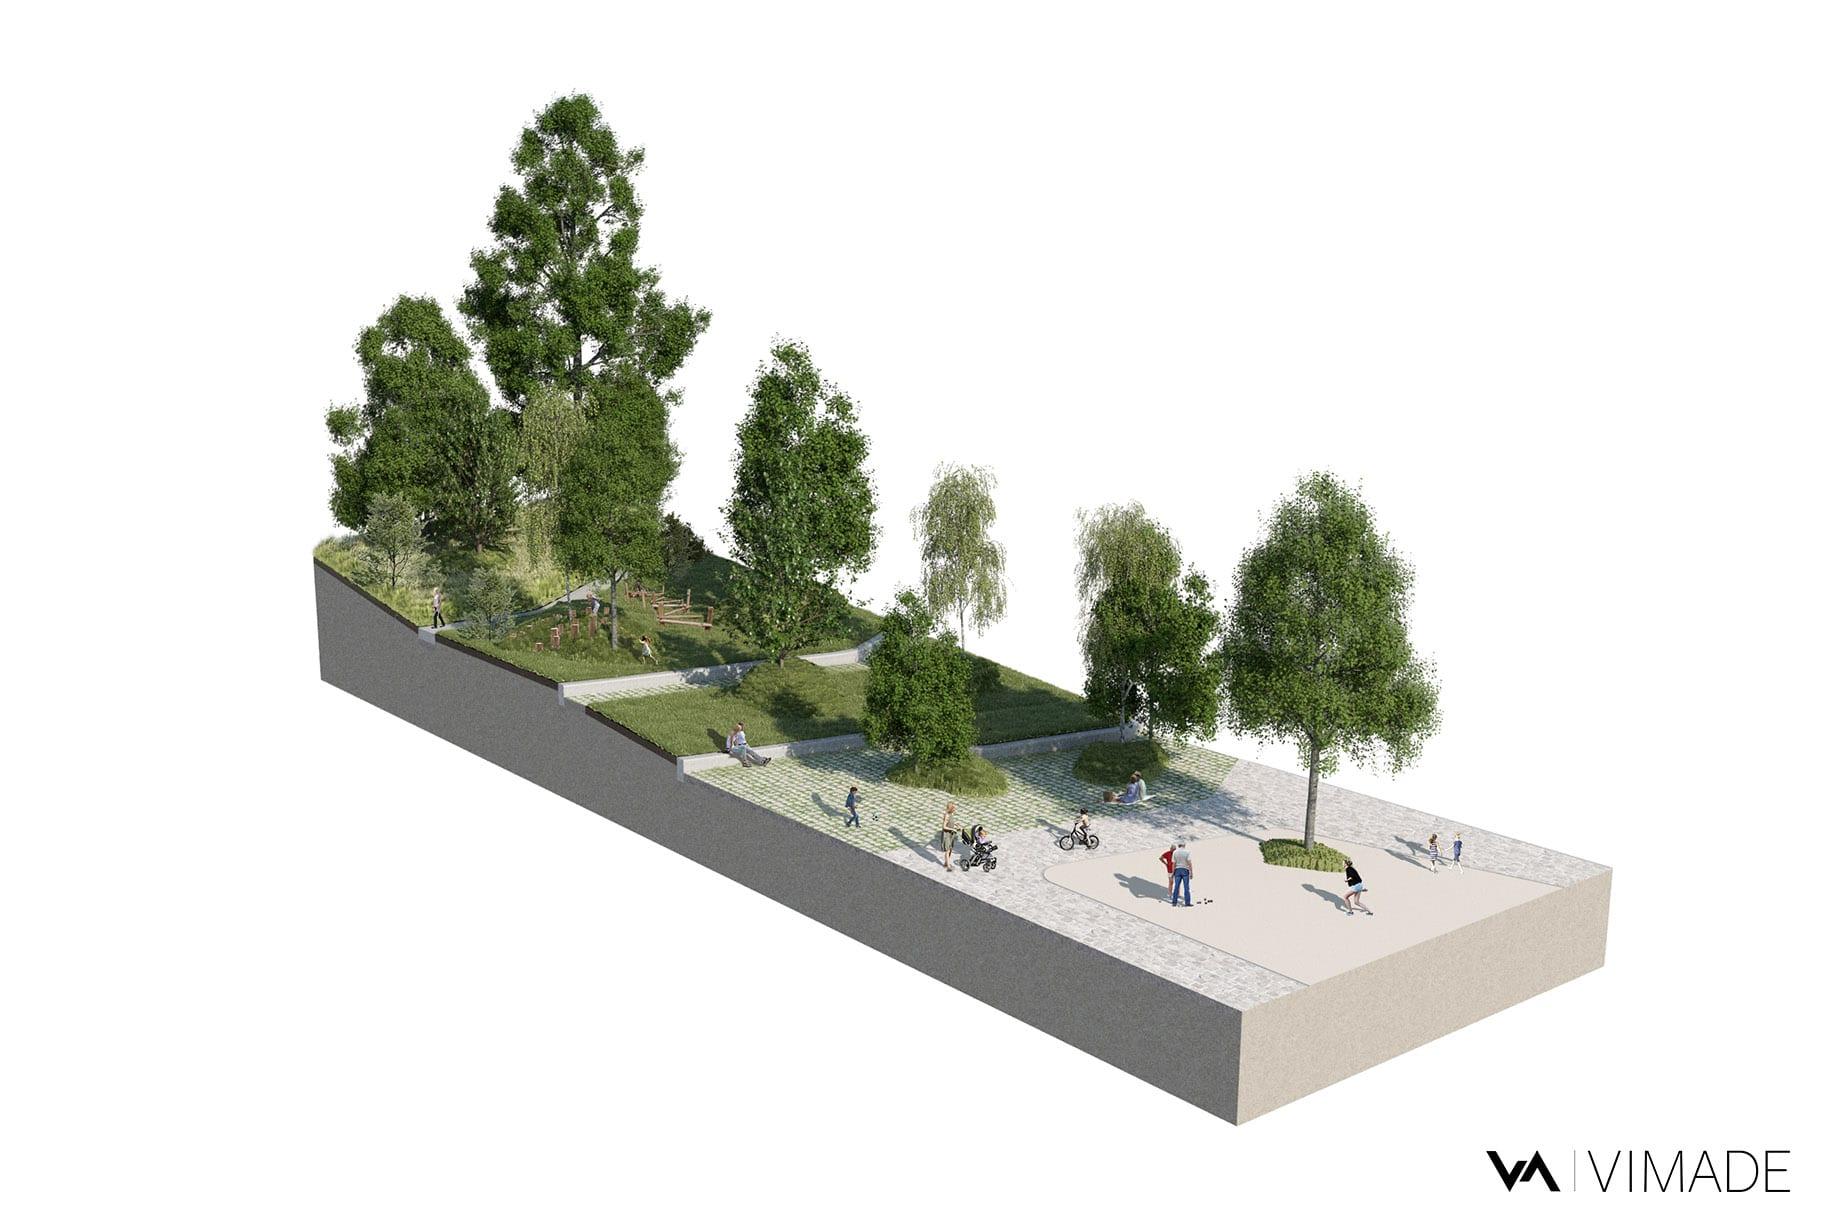 Bloc diagramme pour un projet d'aménagement paysager écologique et coopératif pour les coopératives CODHA et SOCOOP à Genève par le bureau VIMADE Architectes paysagistes